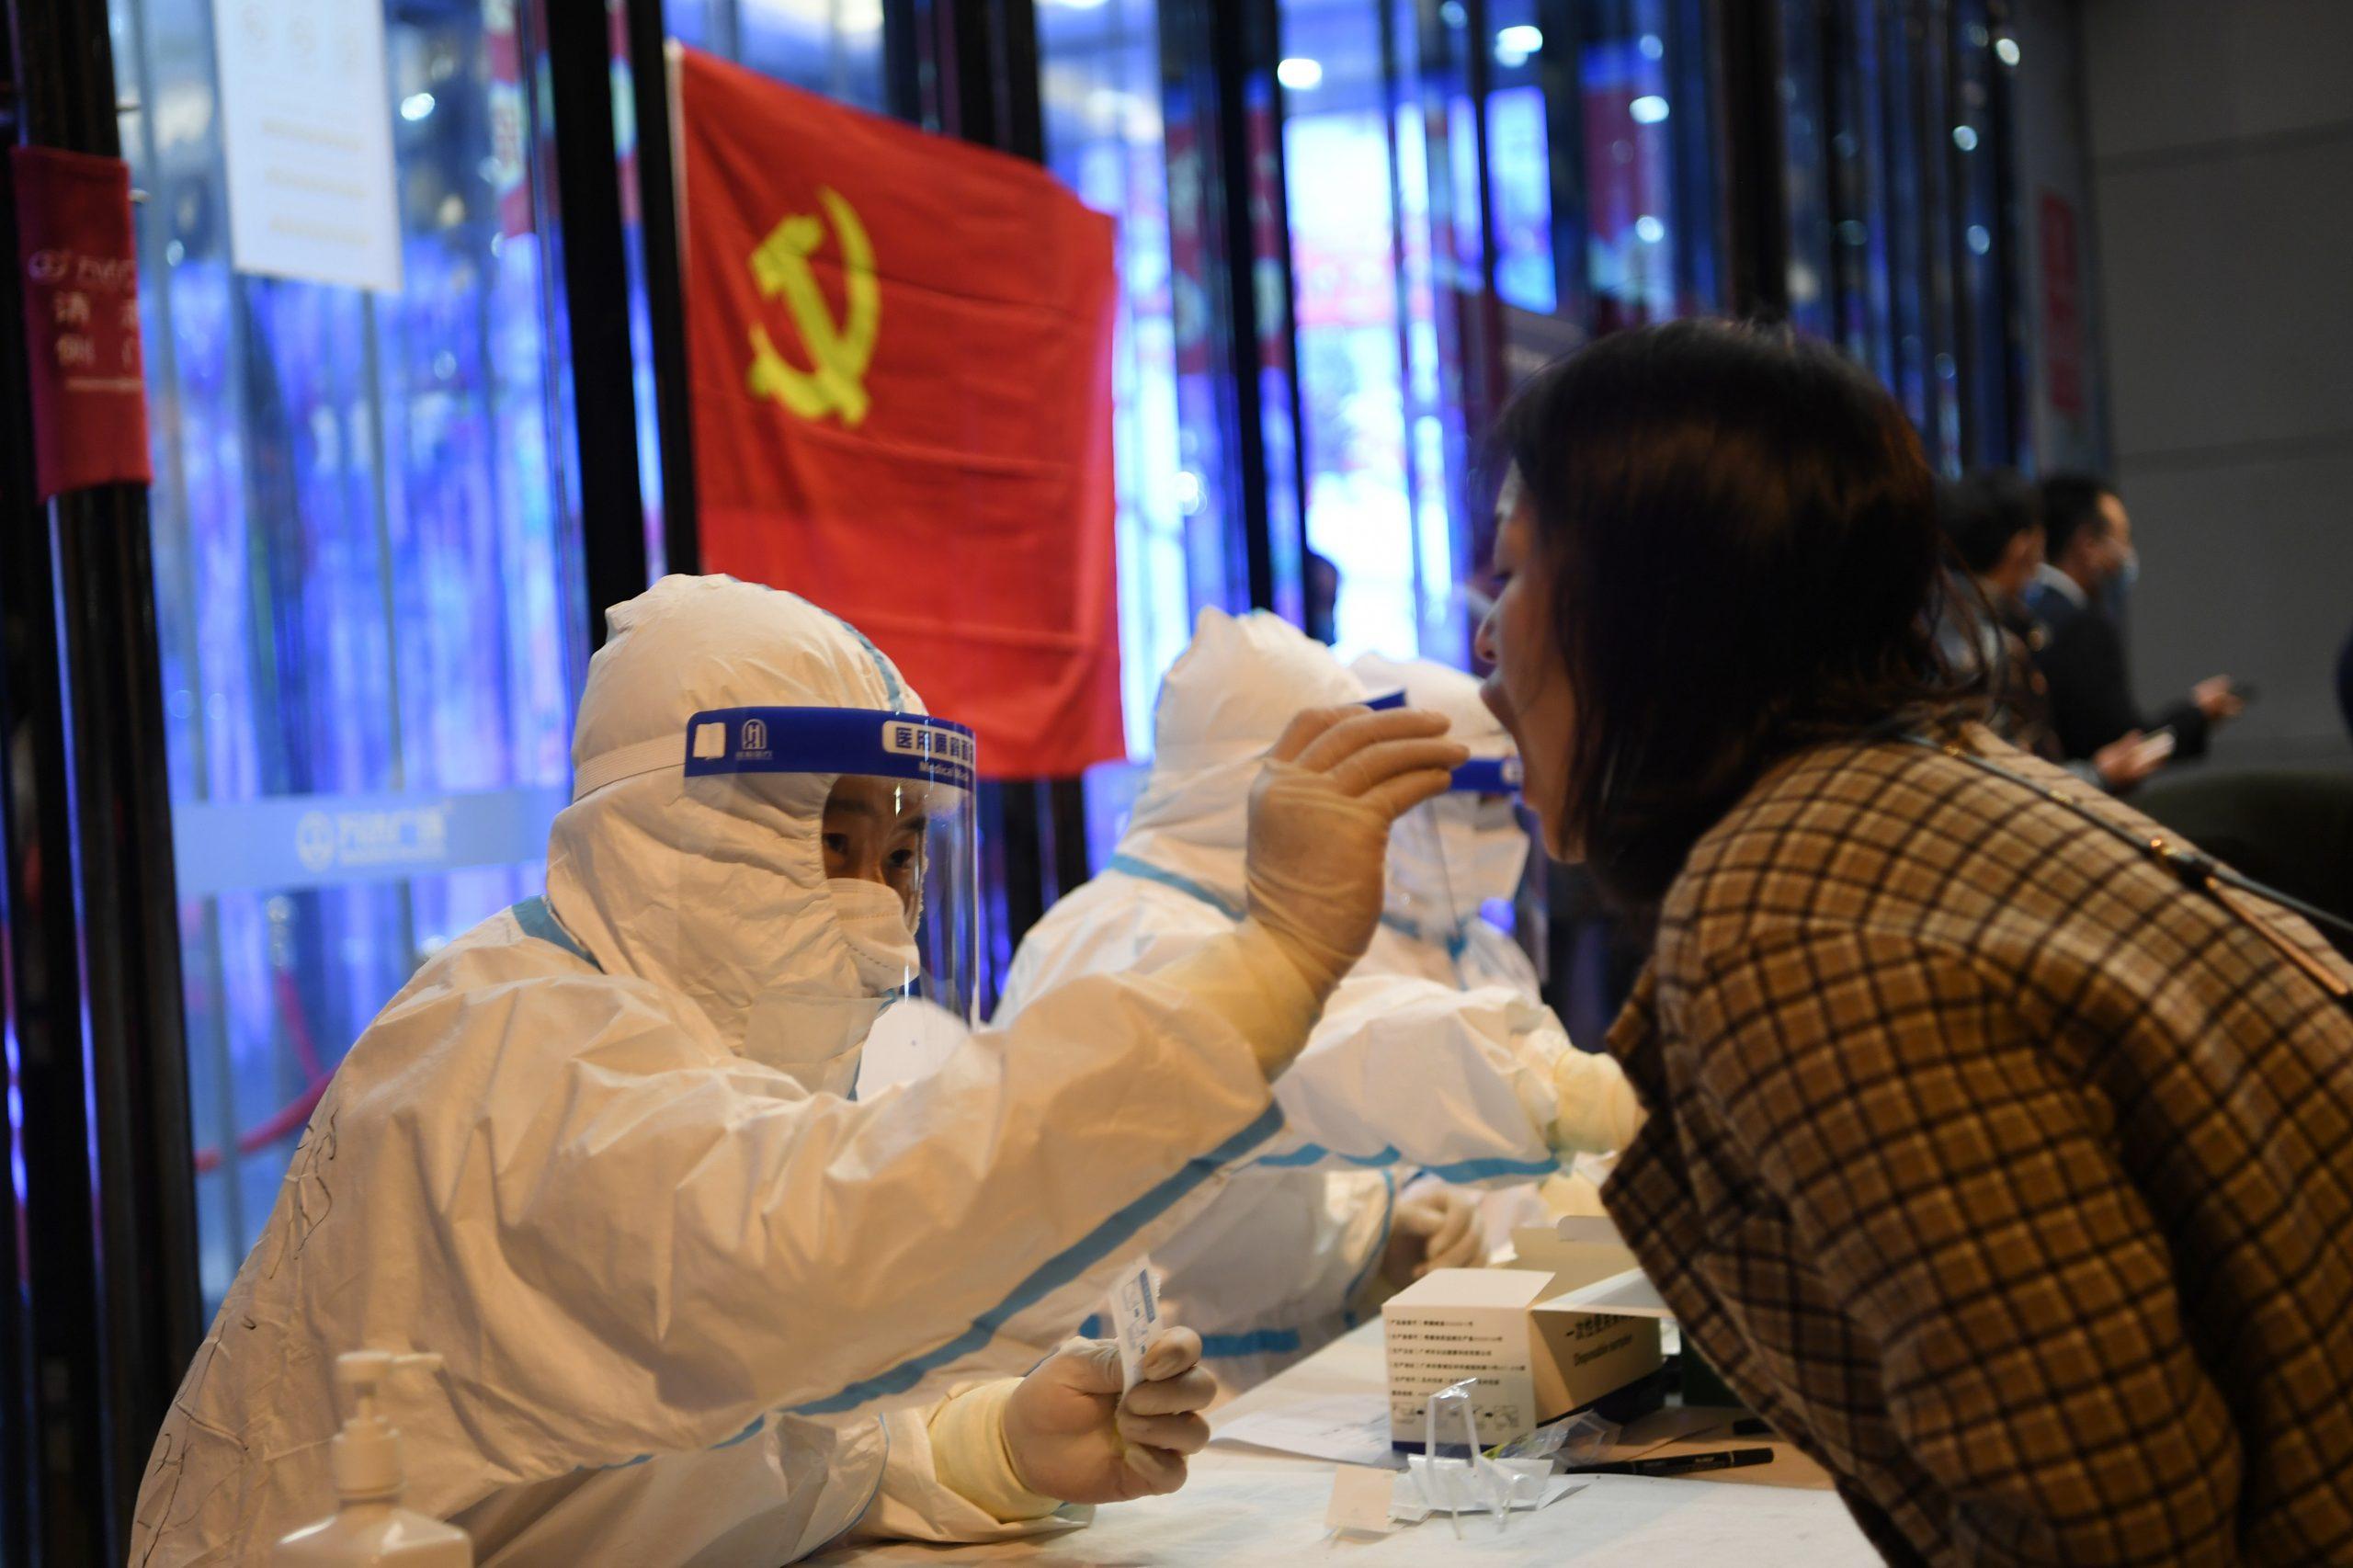 Región china de Ningxia suspende clases presenciales para controlar COVID-19